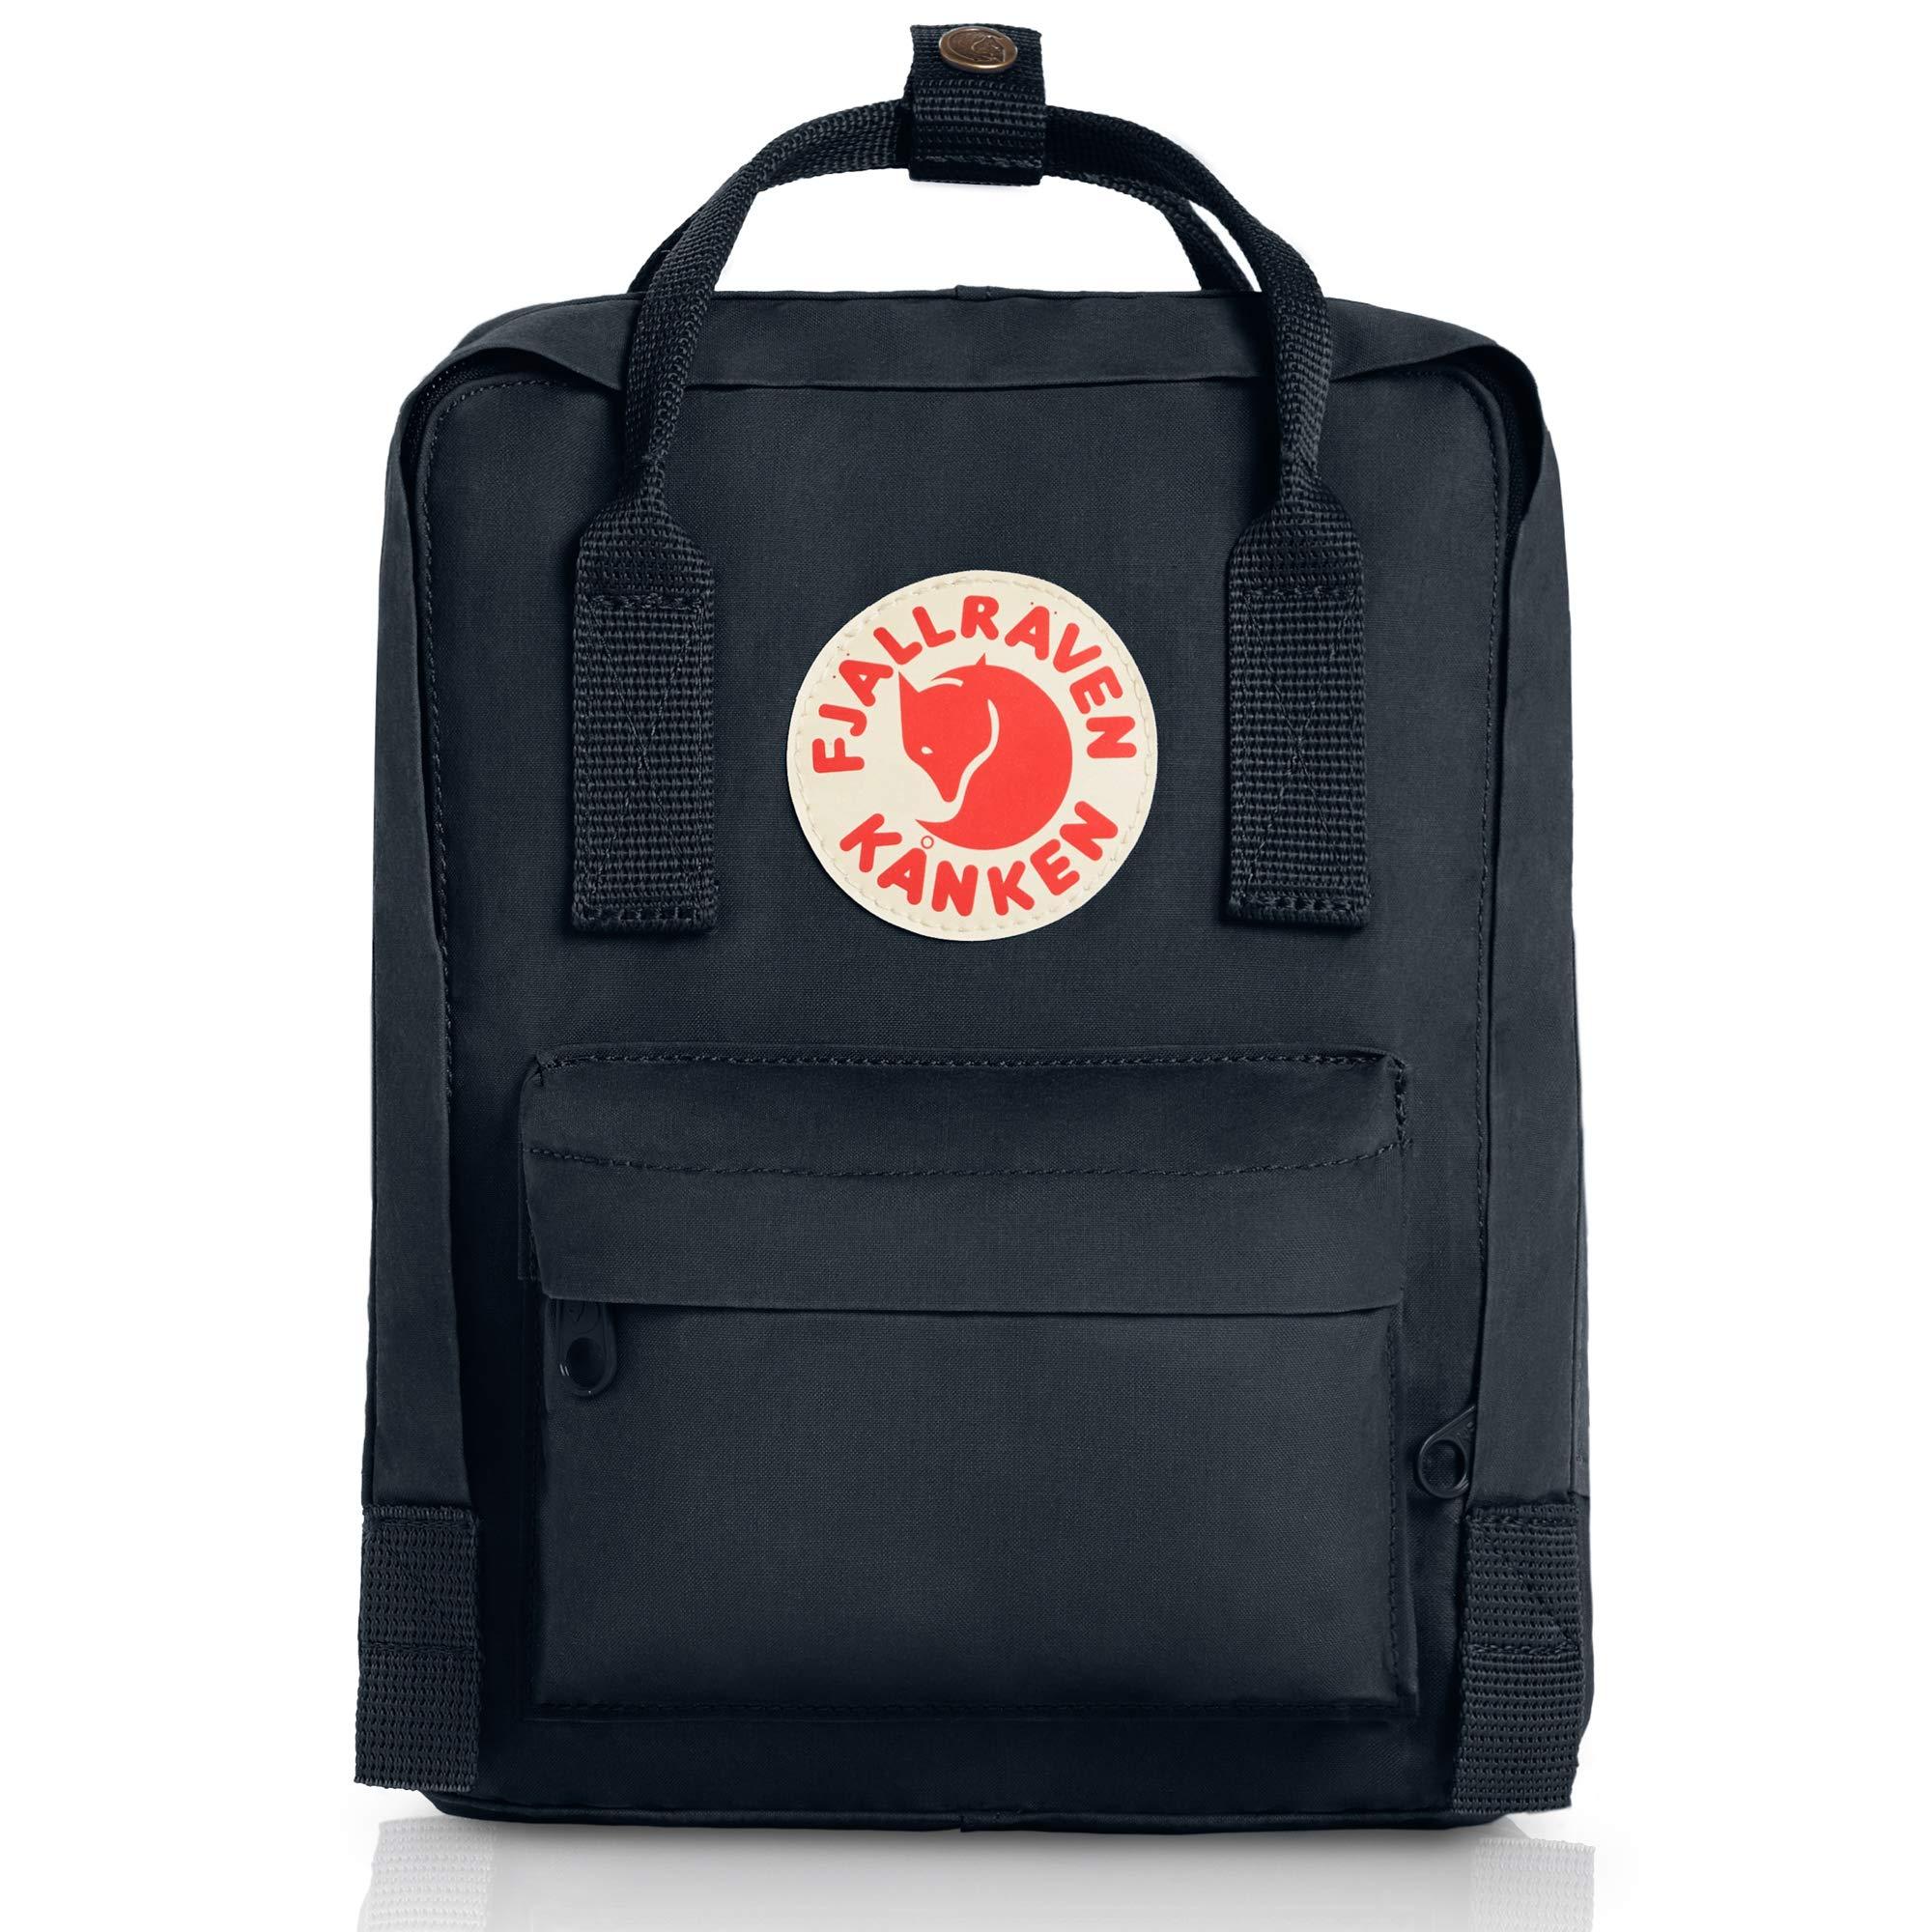 Fjallraven F23561 Mini Kanken Backpack